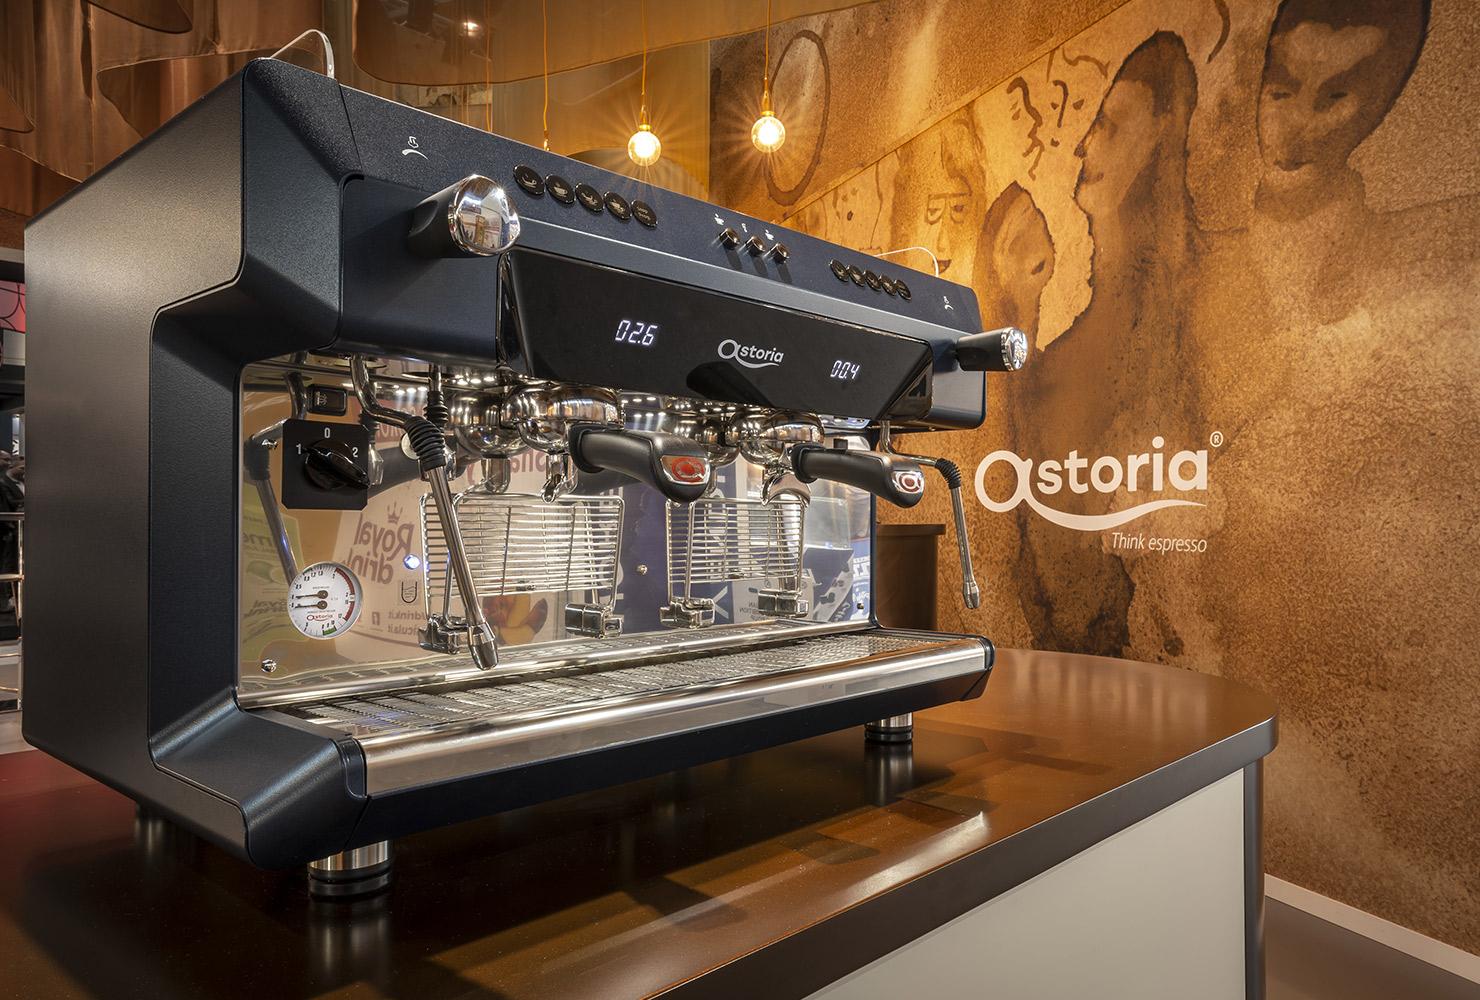 Macchine Per Caffè - Astoria - Macchine Per Caffè Espresso concernant Dalle Astoria